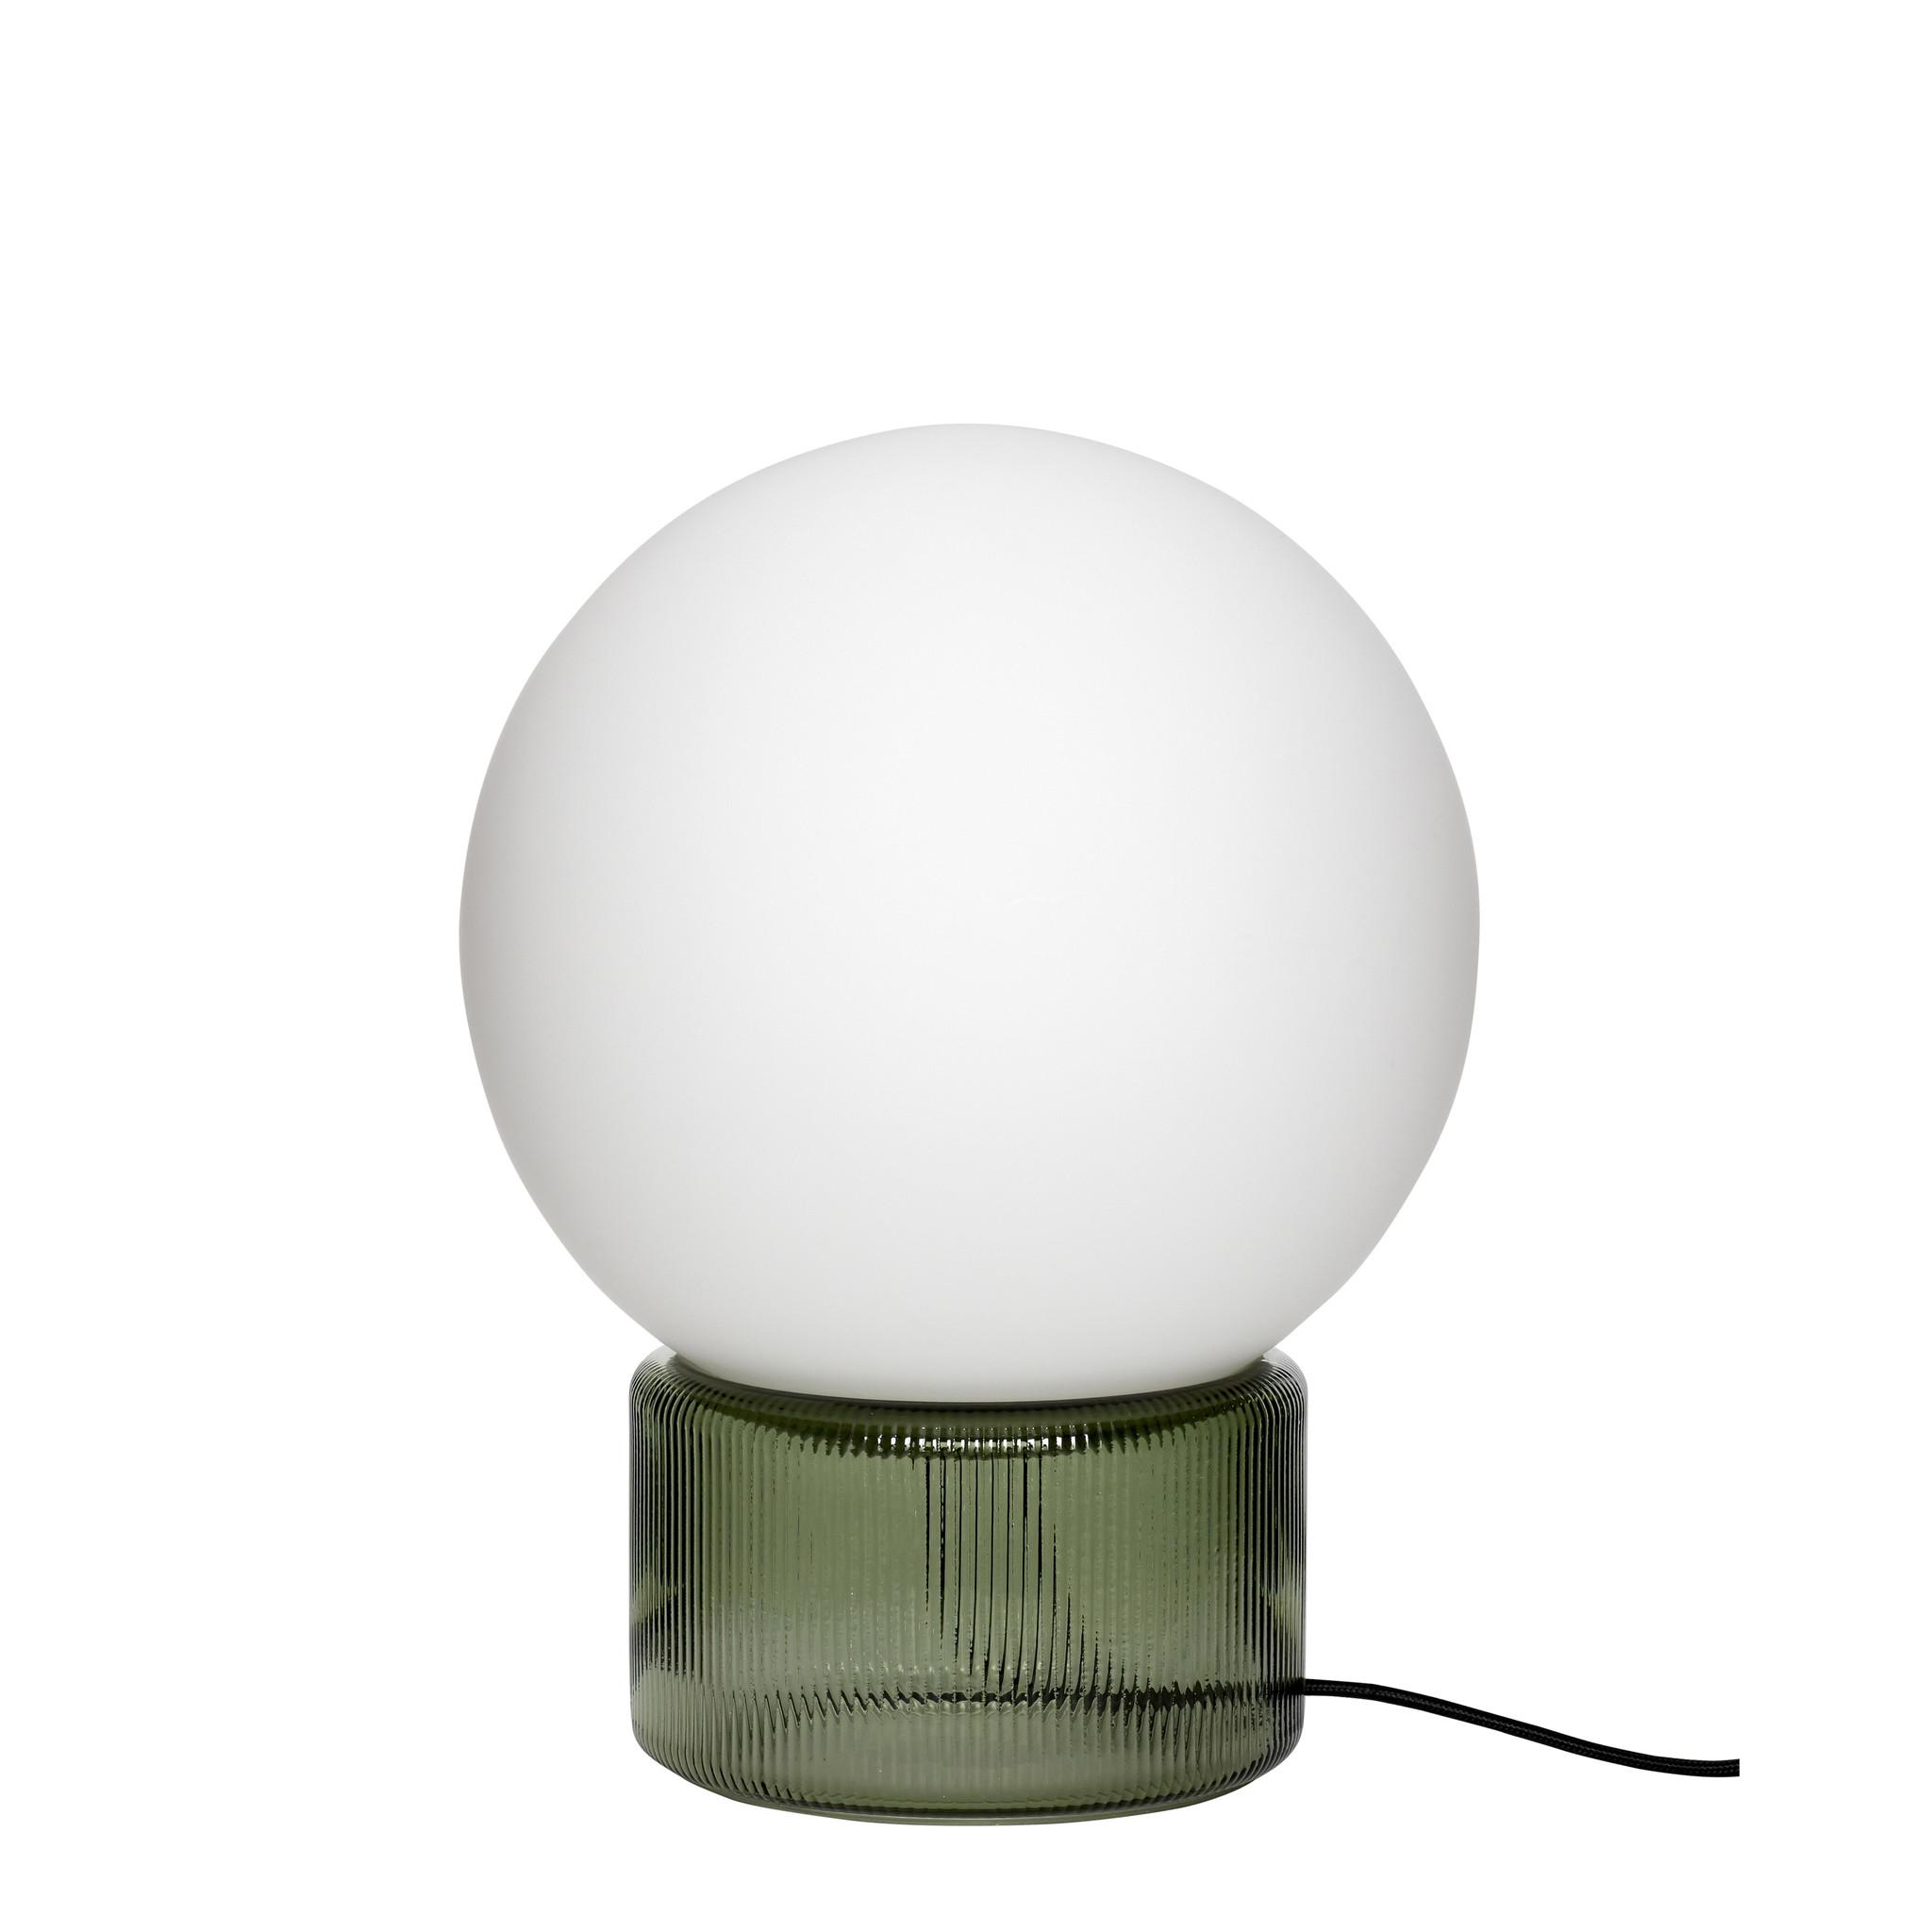 Hubsch Tafellamp glas, groen-991201-5712772102077